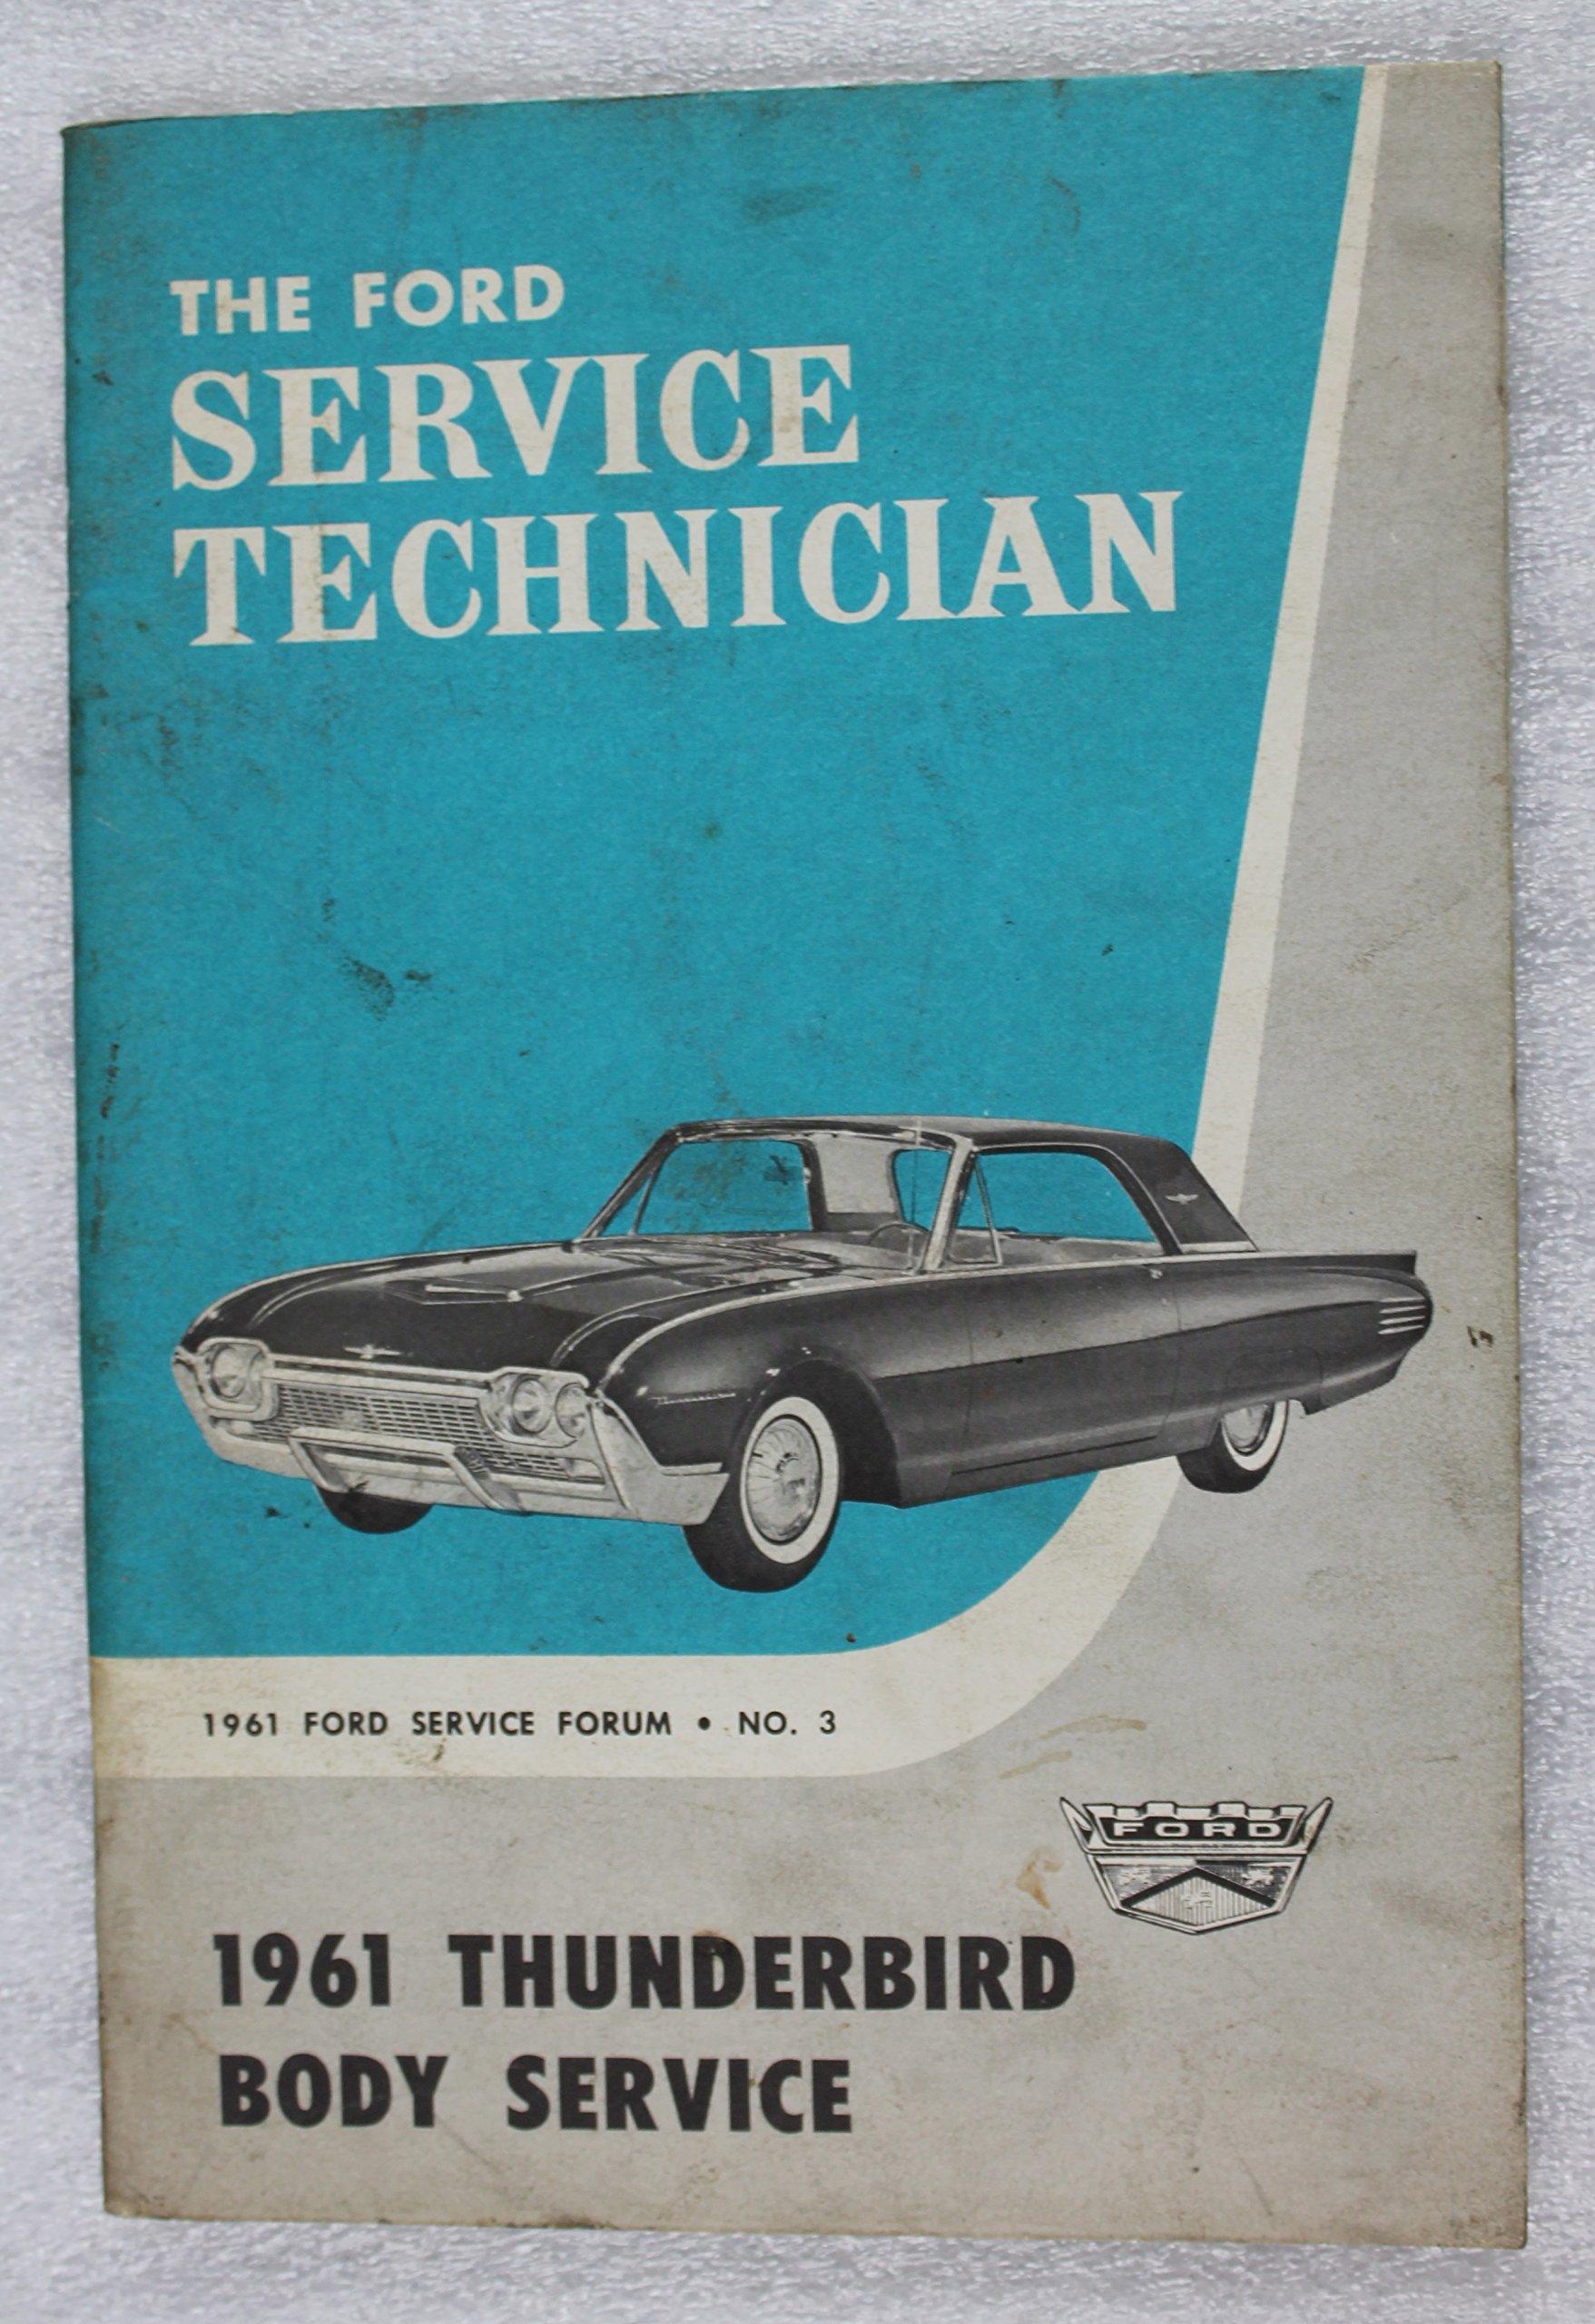 1961 The Ford Service Technician Thunderbird Body Service Manual, The Ford  Service Forum No. 3: Ford Motor Company: Amazon.com: Books